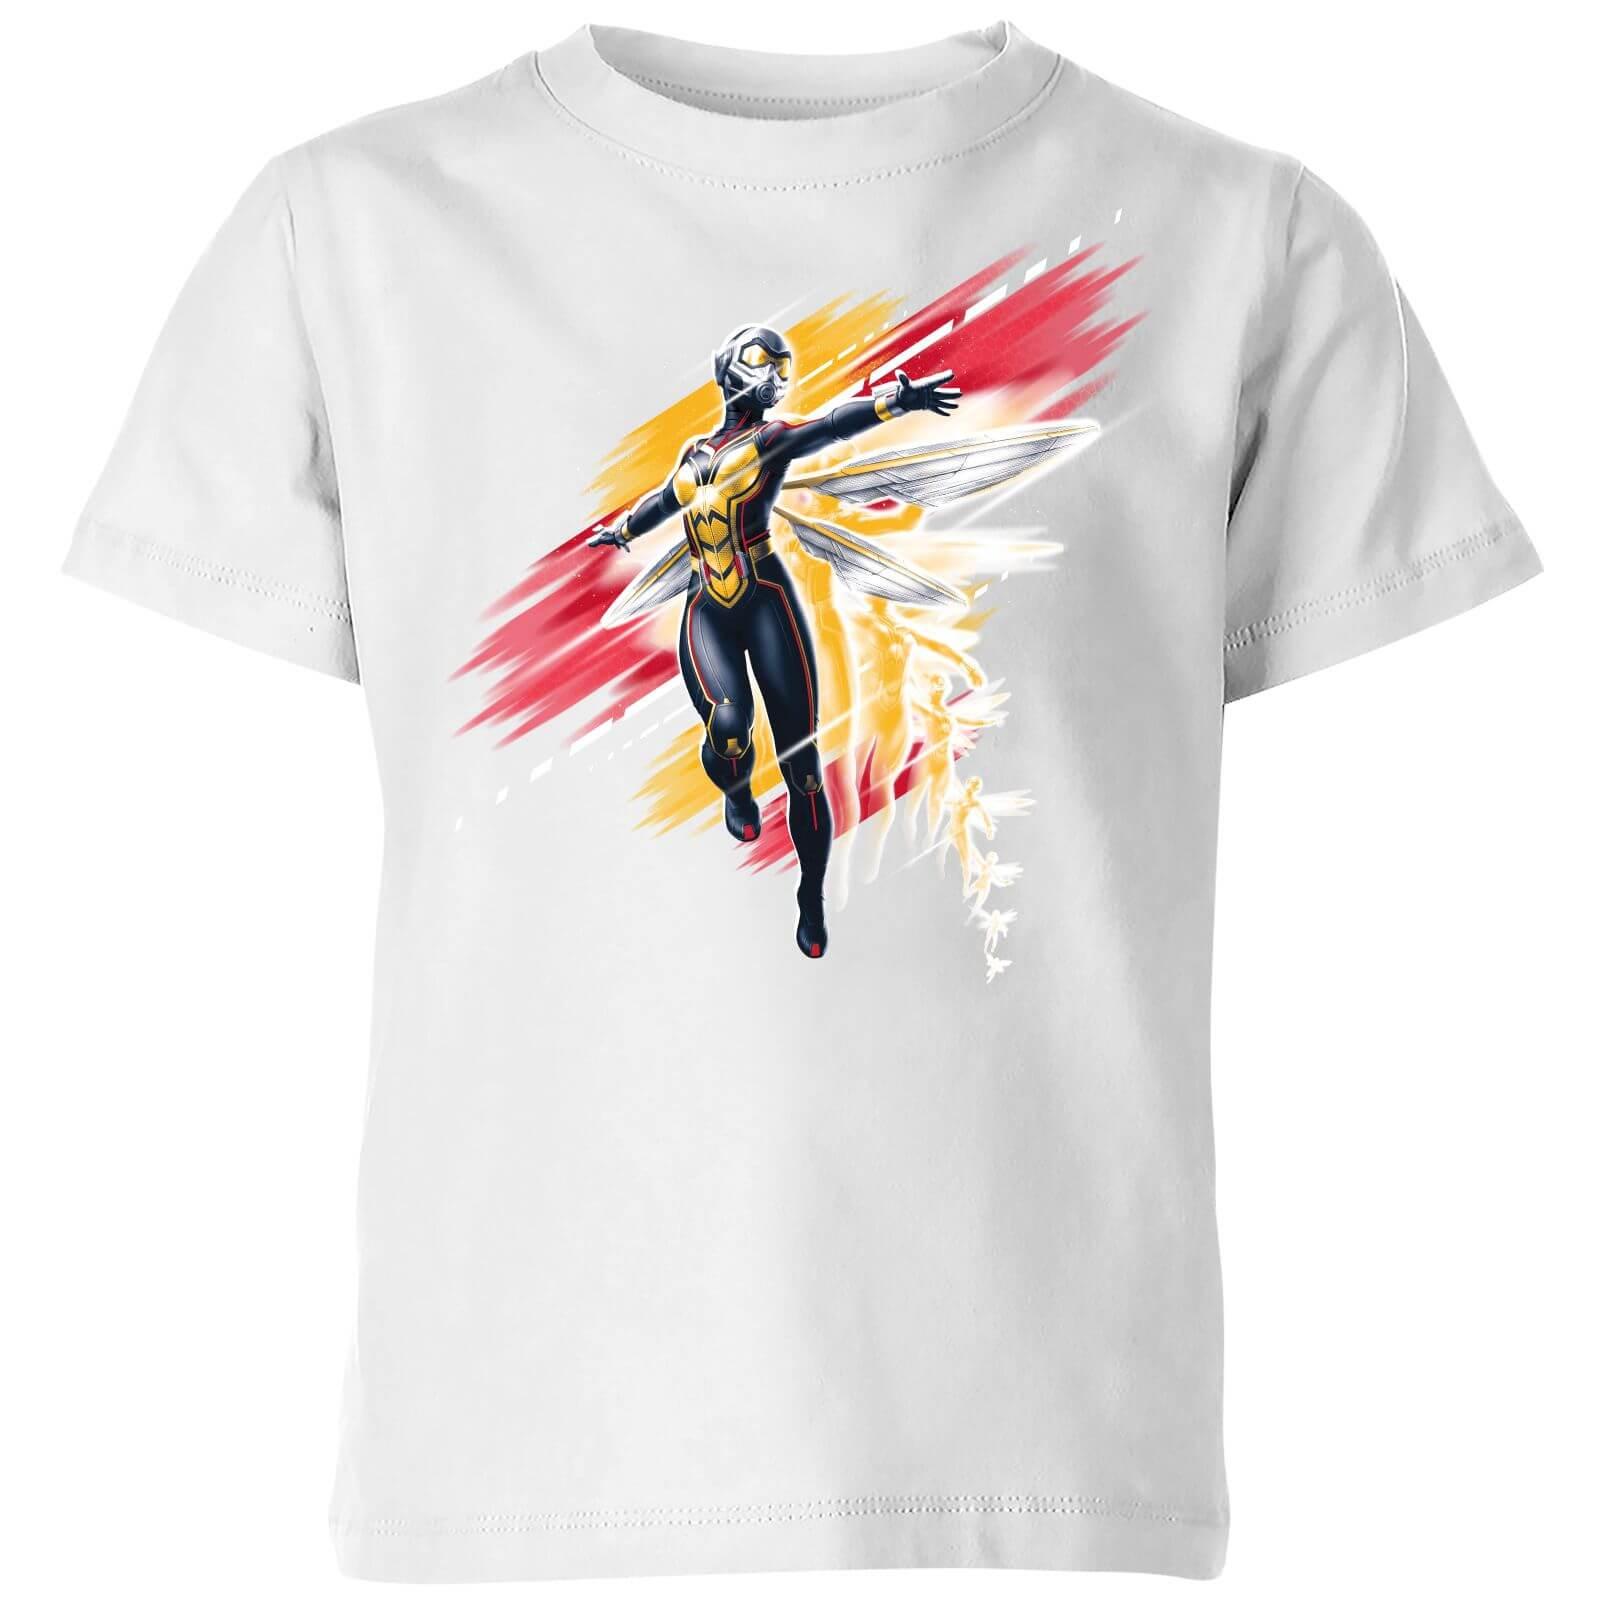 Marvel T-Shirt Enfant Ant-Man et la guêpe - Brossé - Blanc - 7-8 ans - Blanc